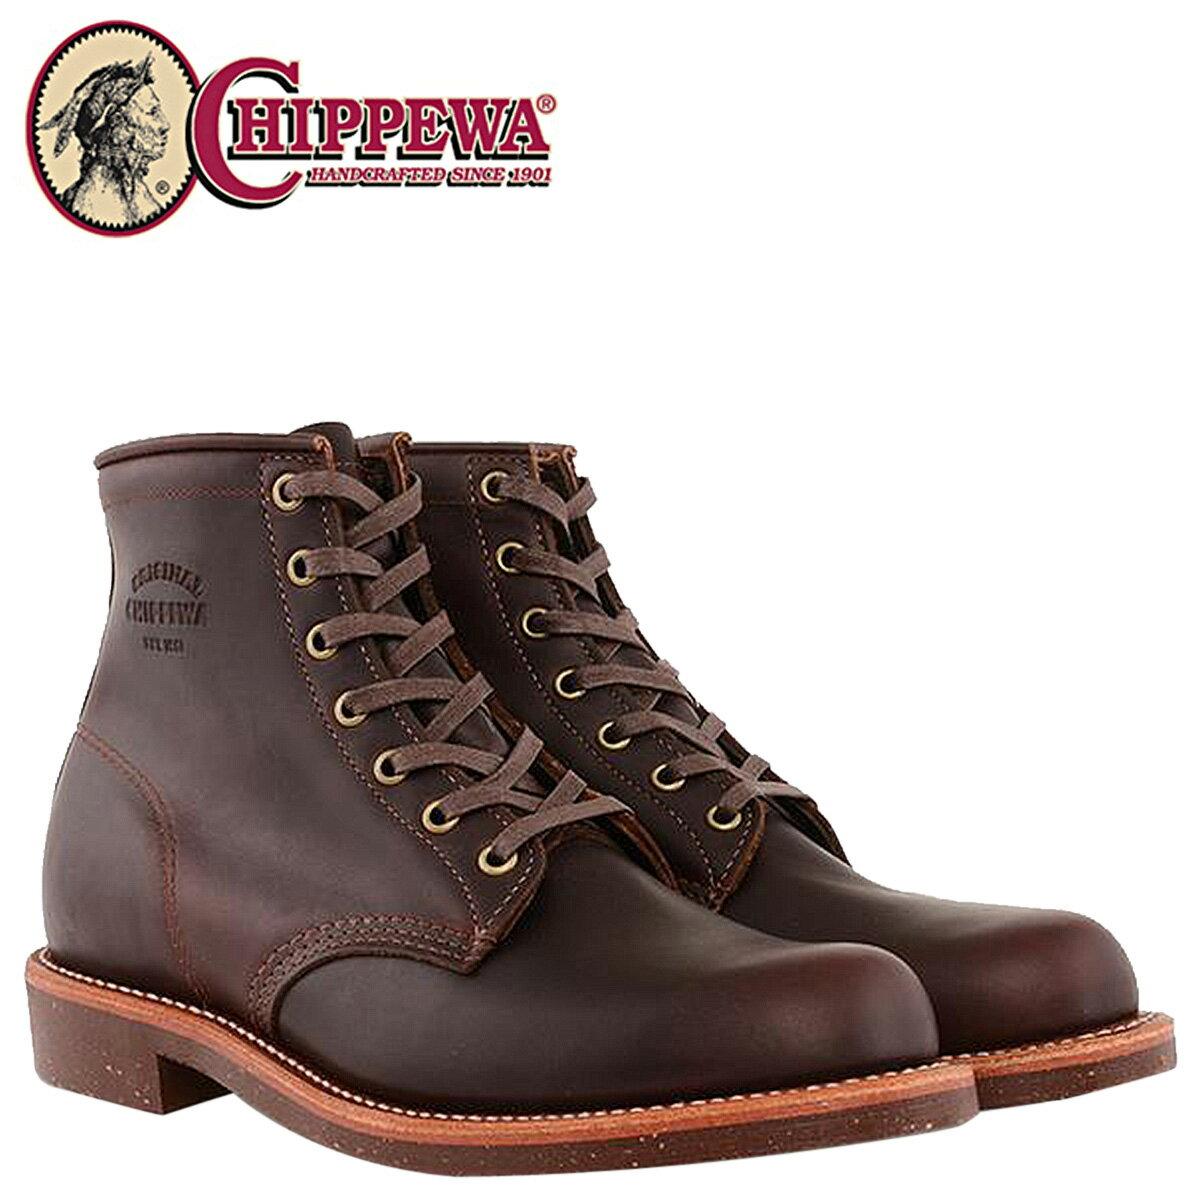 CHIPPEWA 6INCH SERVICE BOOT チペワ ブーツ 6インチ サービス 1901M25 Dワイズ コードバン メンズ [12/15 再入荷] [1712]